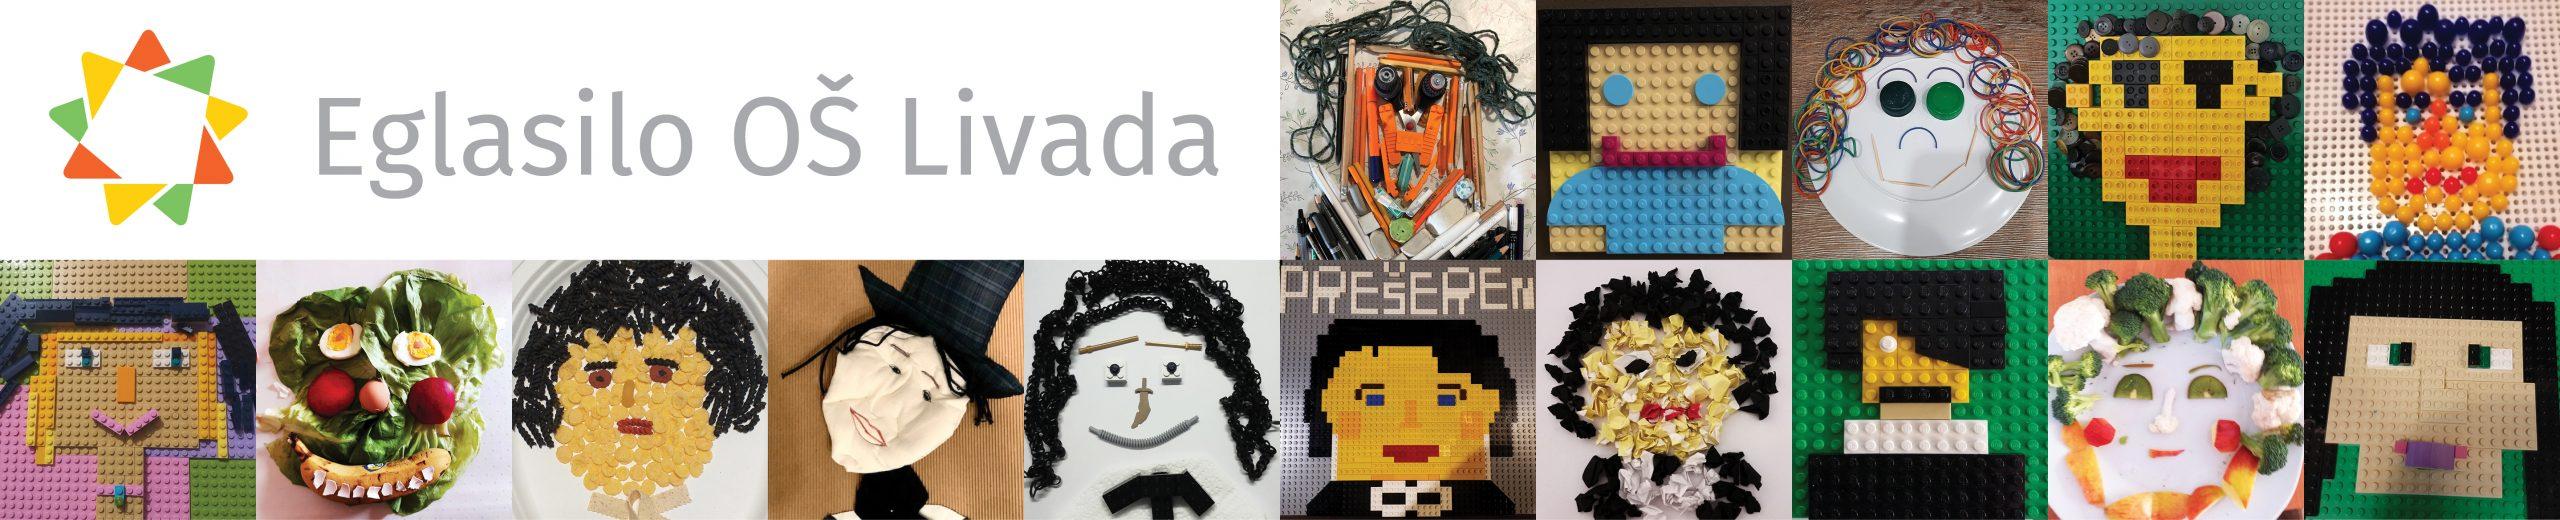 E-glasilo OŠ Livada